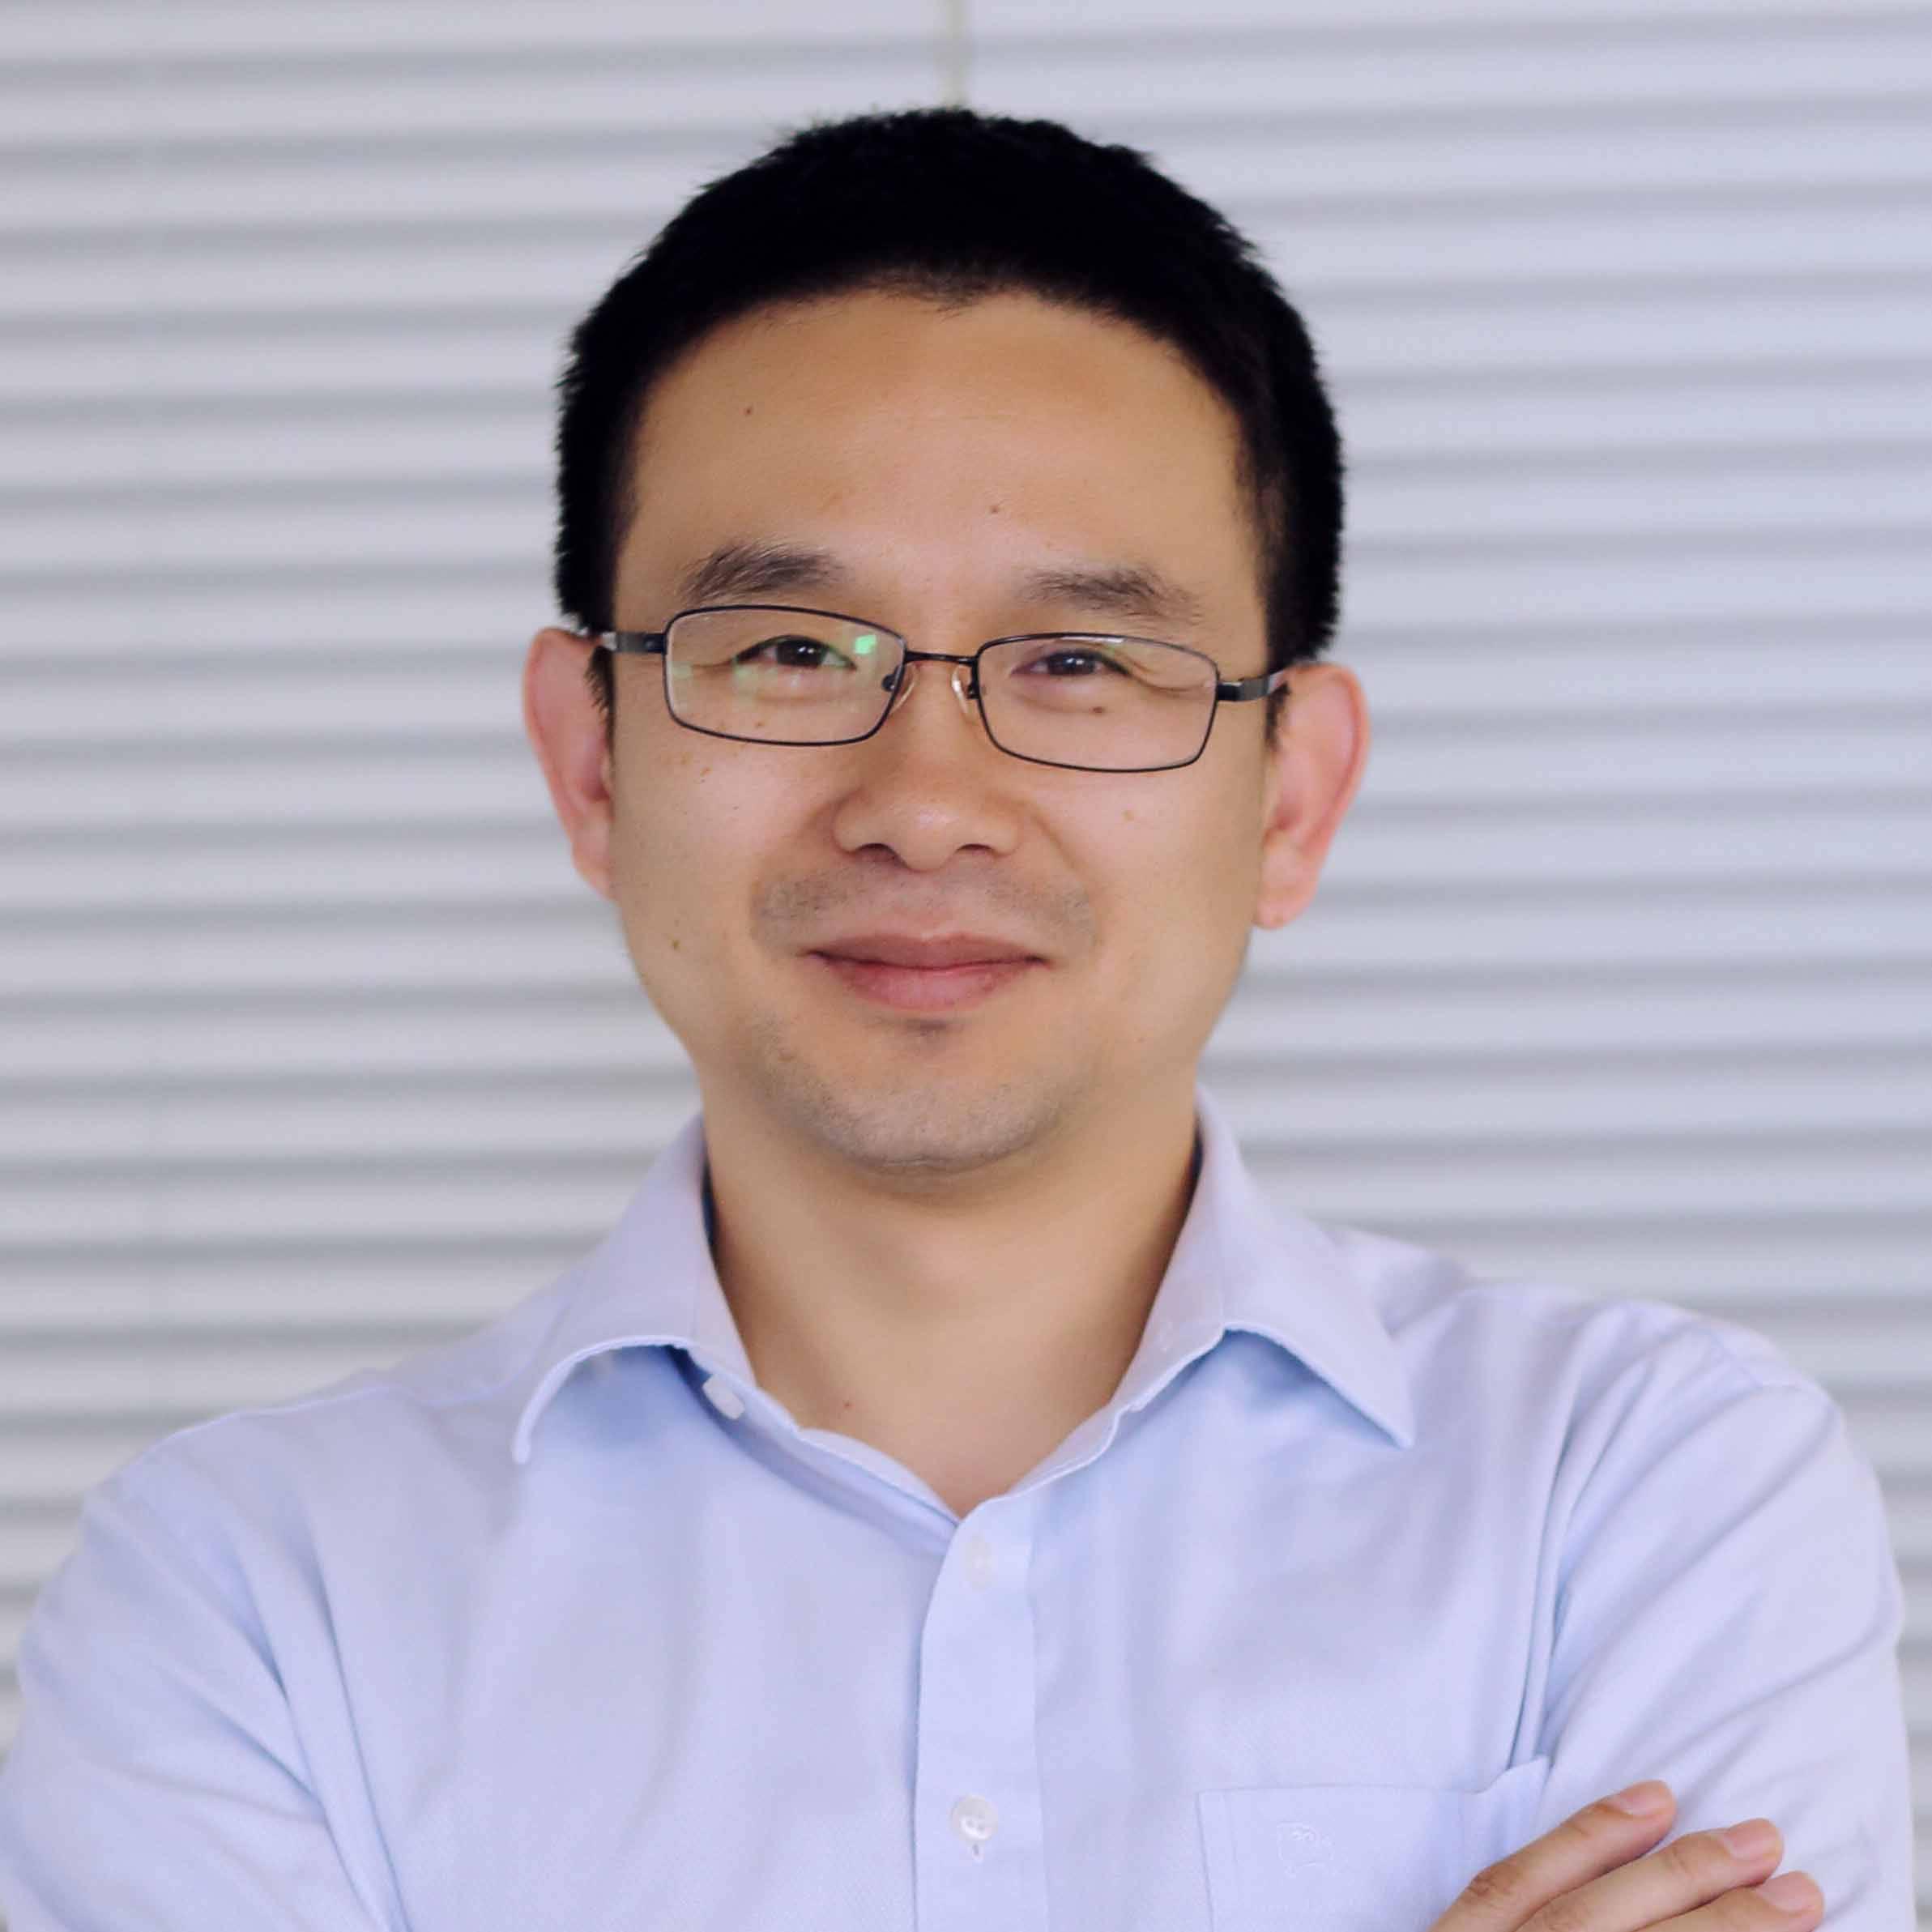 安华金和 创始人兼CEO 刘晓韬